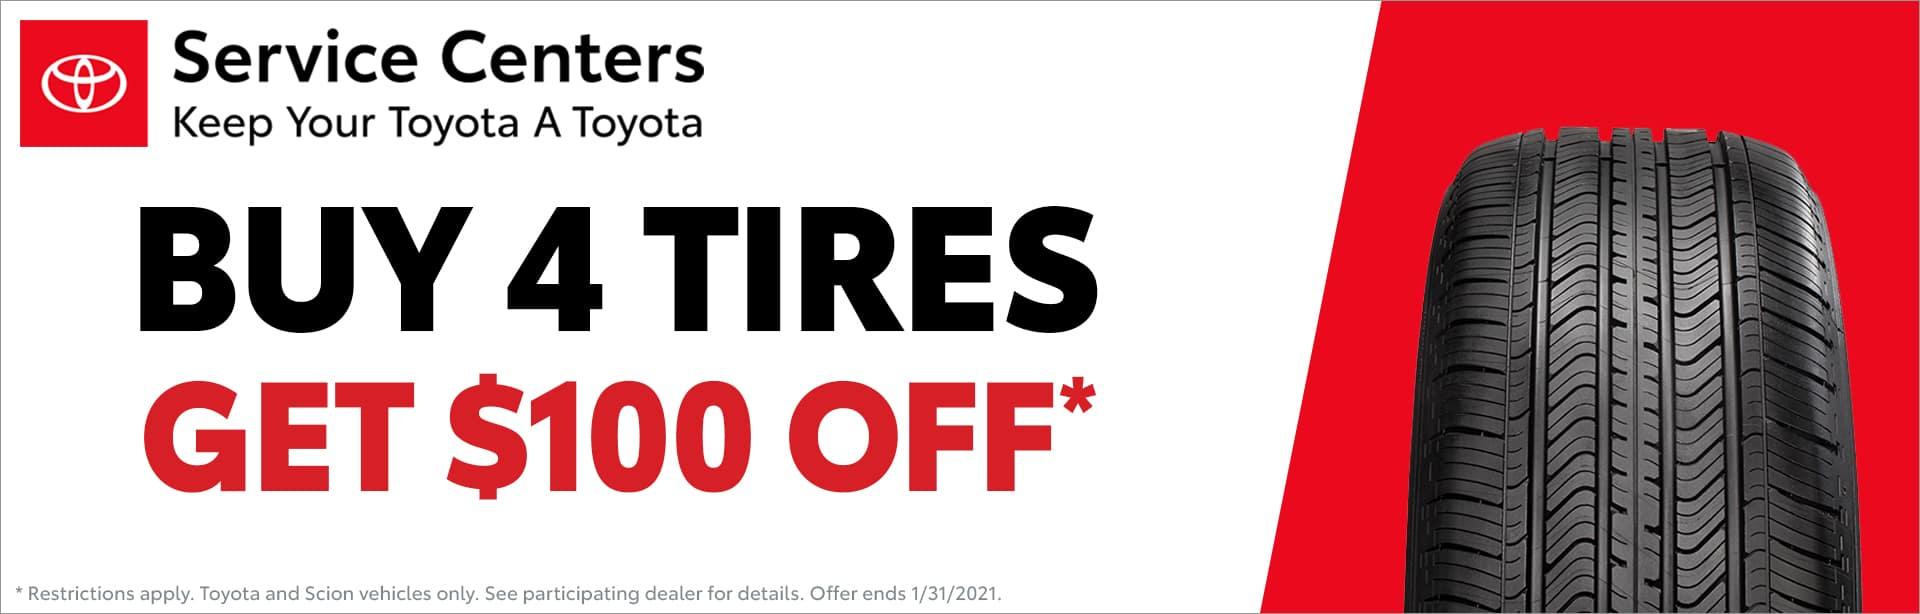 2021-01 Buy 4 Tires-$100 off_1920x614_TDDS